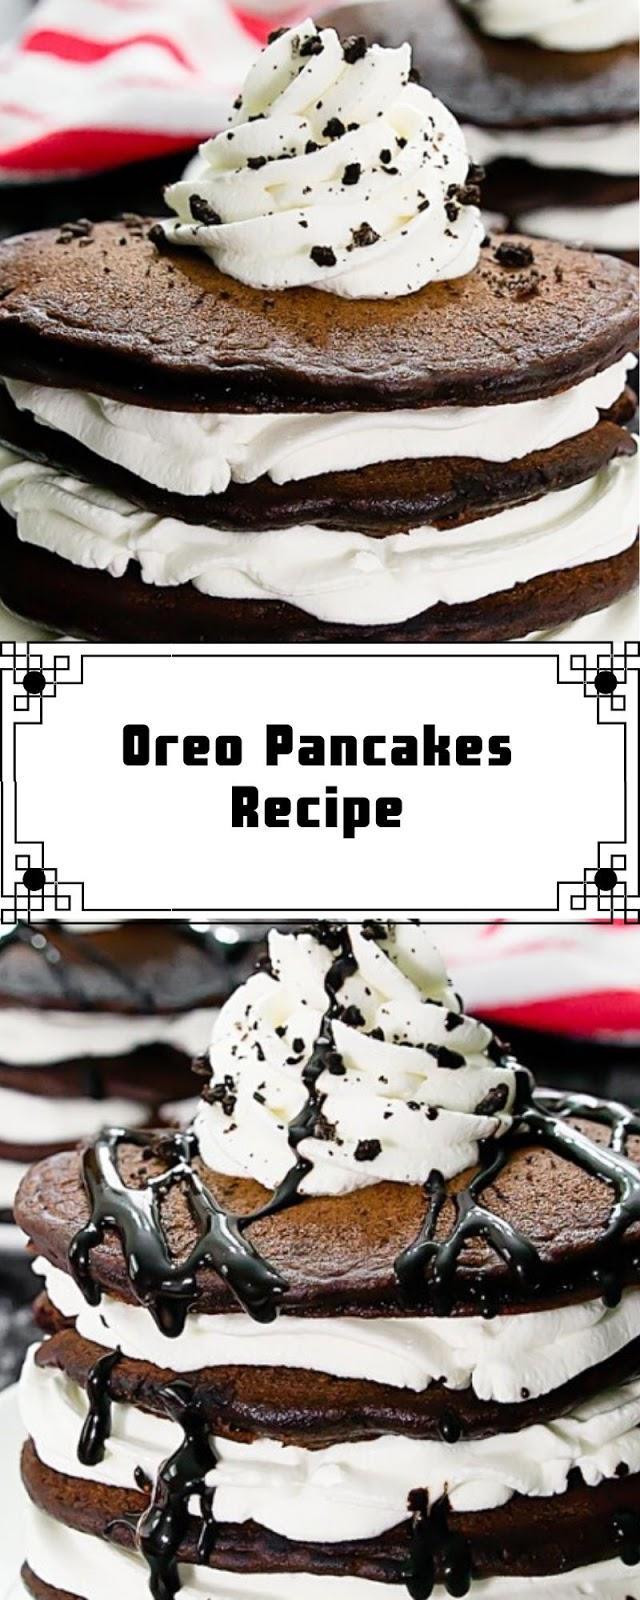 Oreo Pancakes Recipe